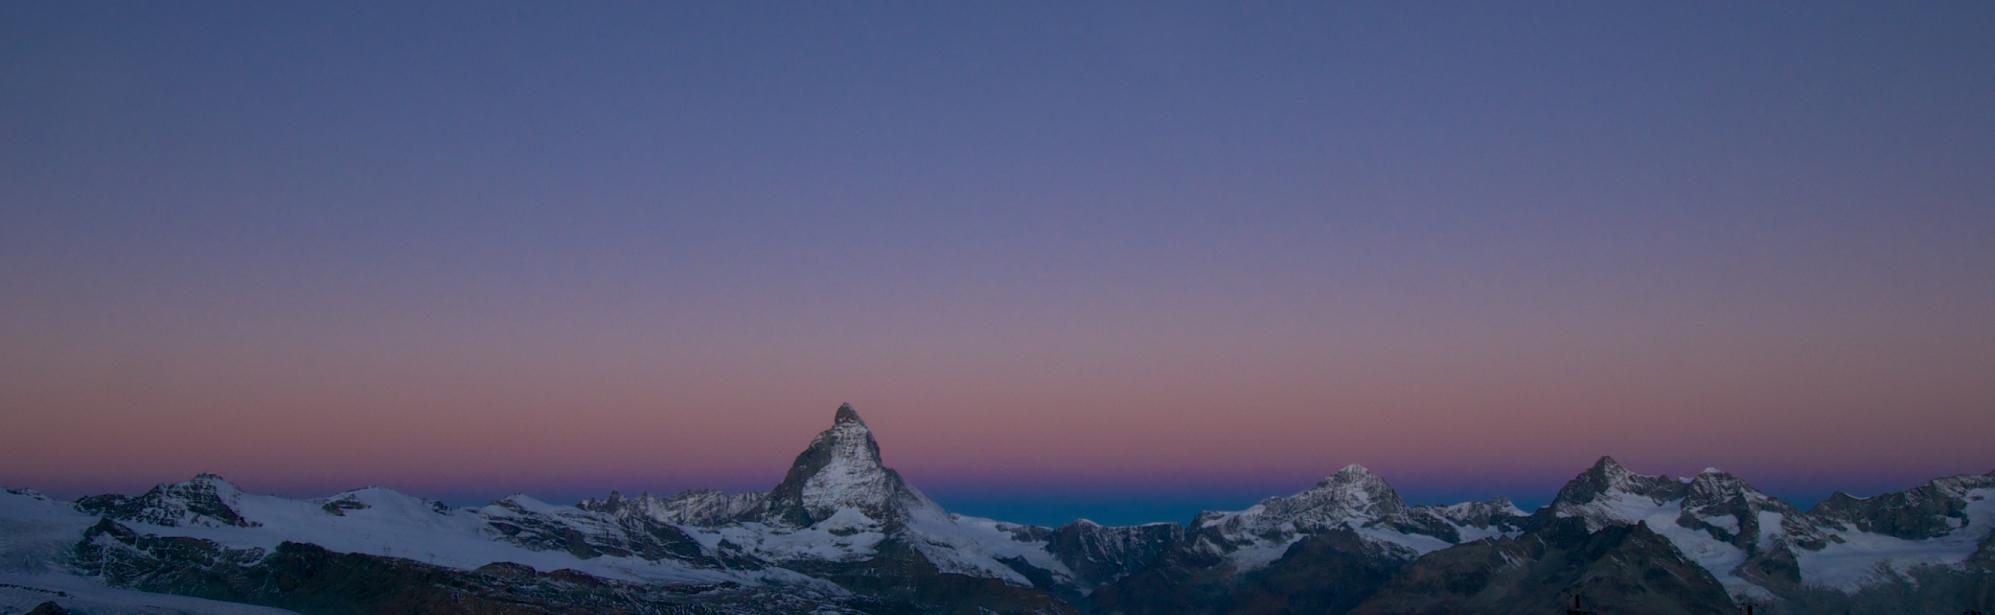 Landschaften_Zermatt19